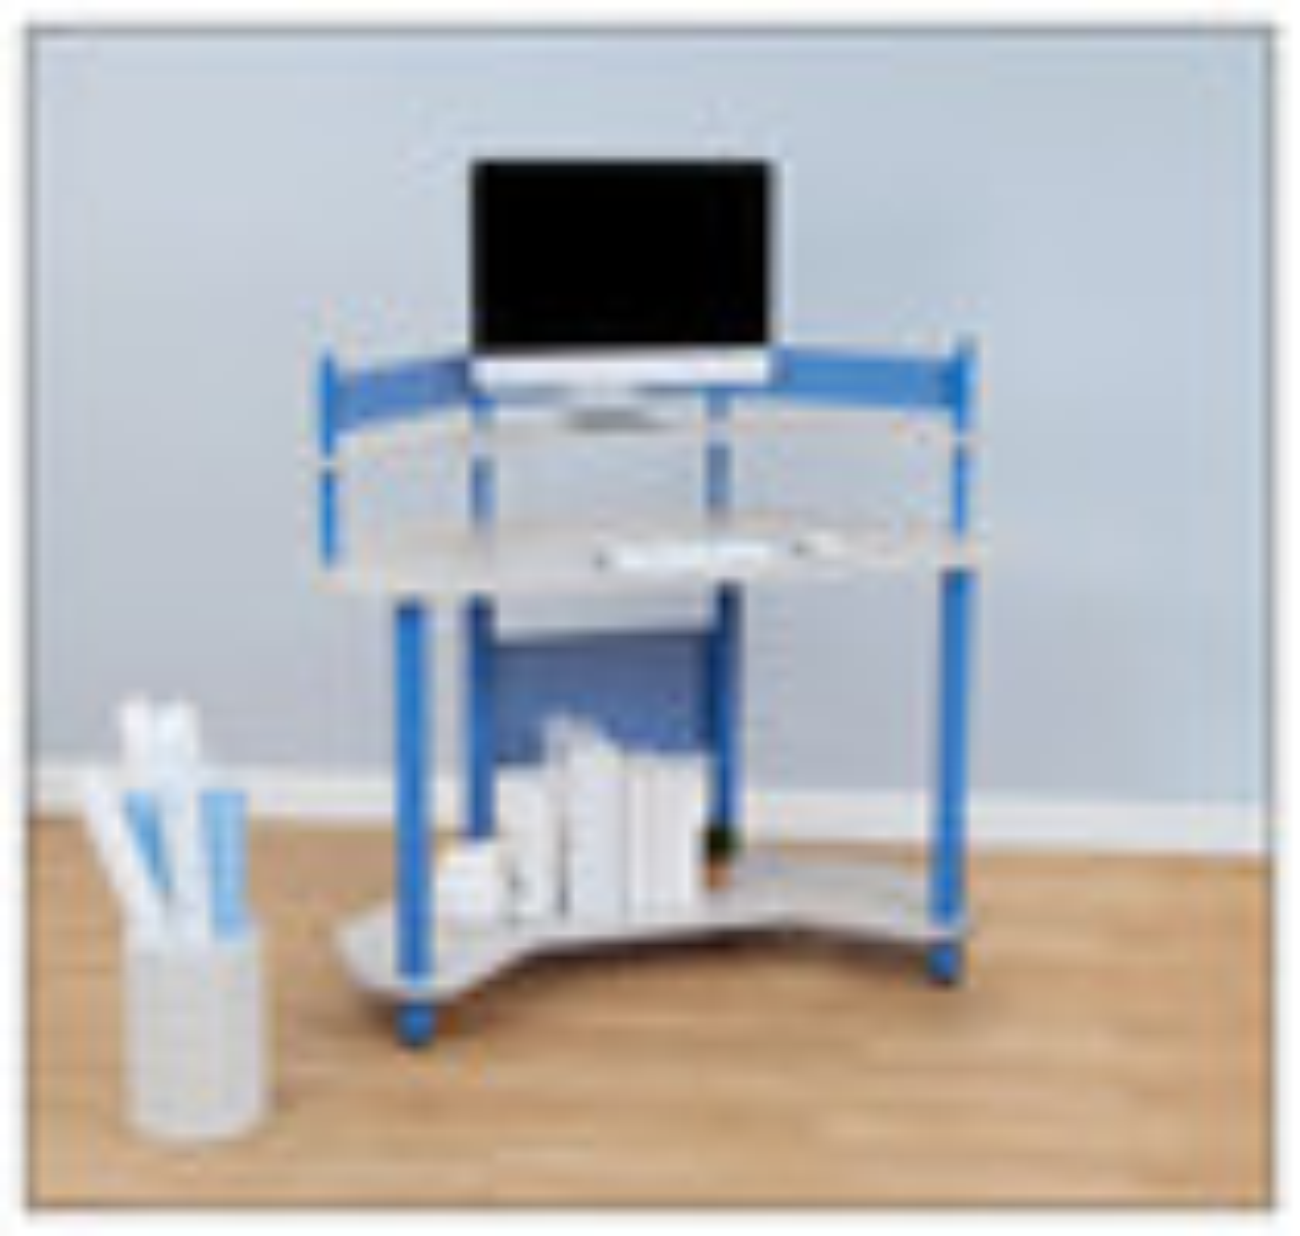 Calico Designs - Study Corner Computer Desk - Blue/Gray